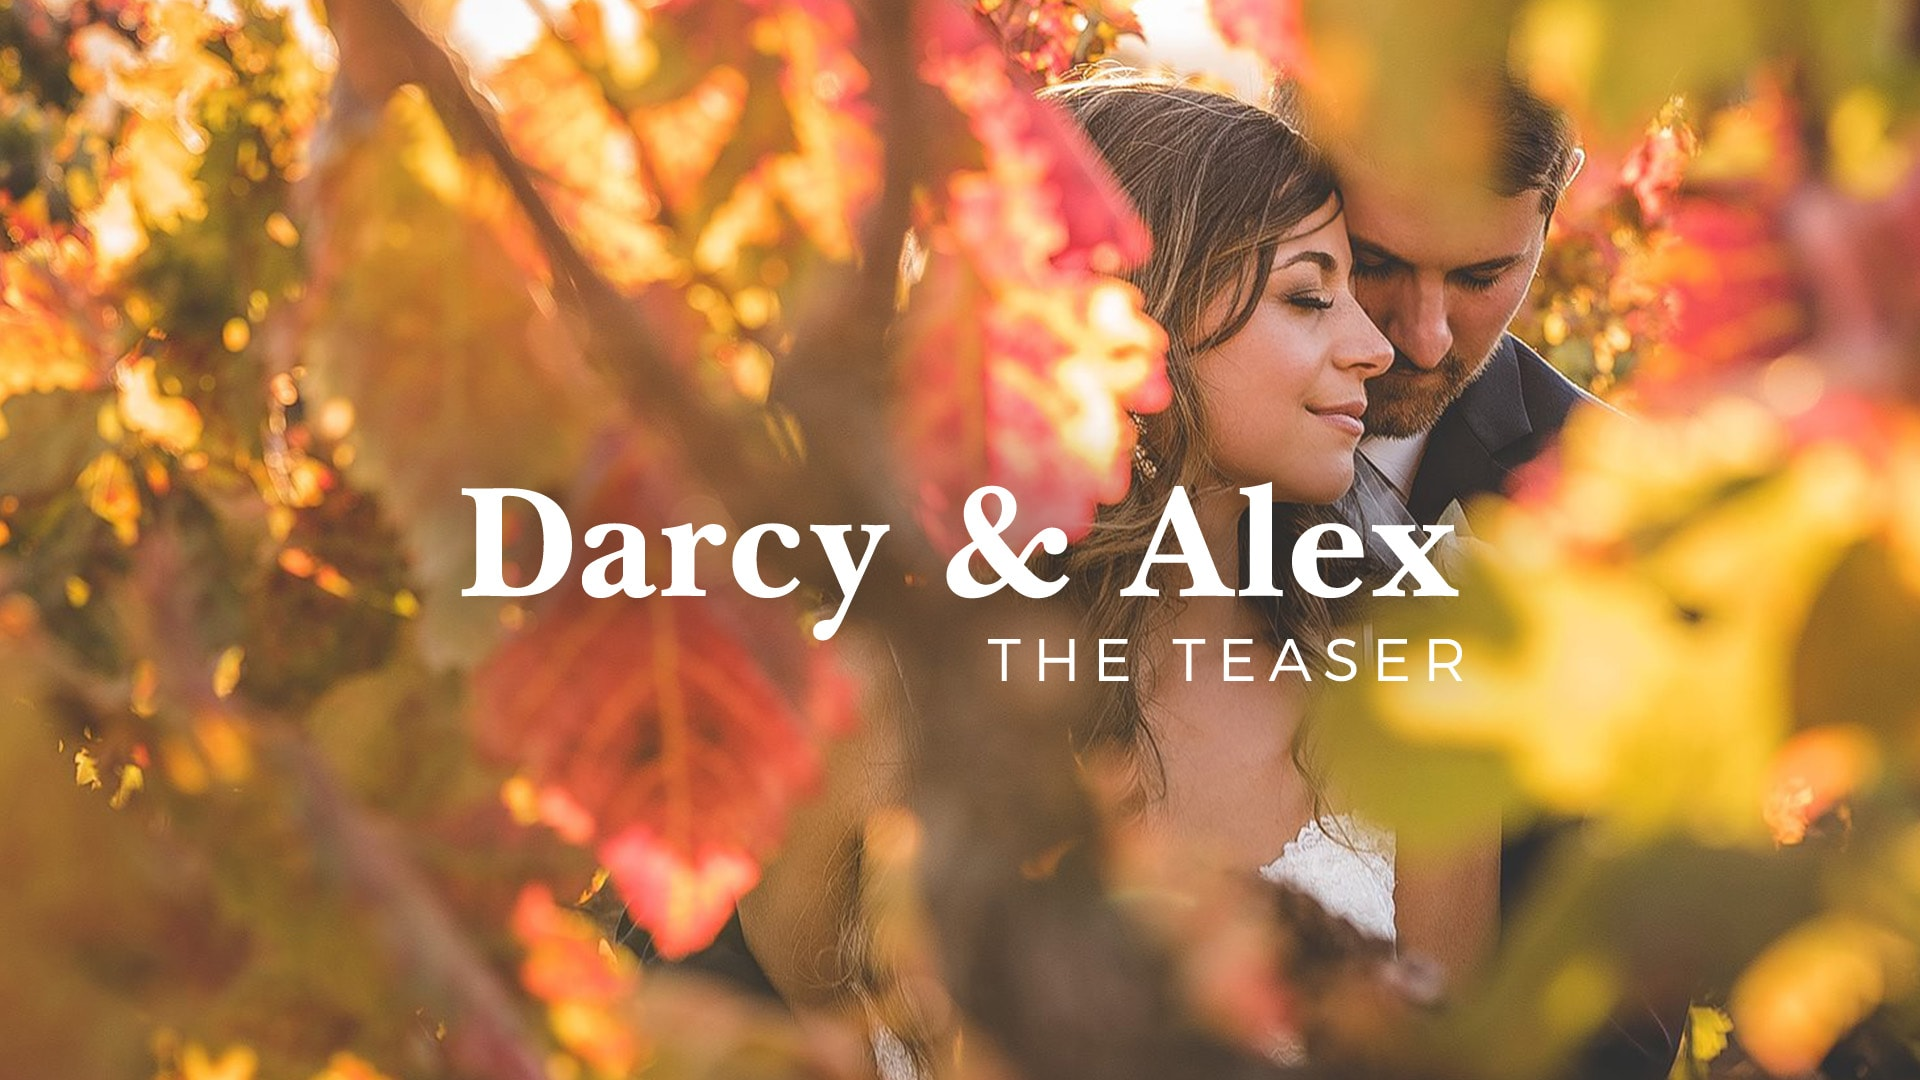 Darcy & Alex Sherrod